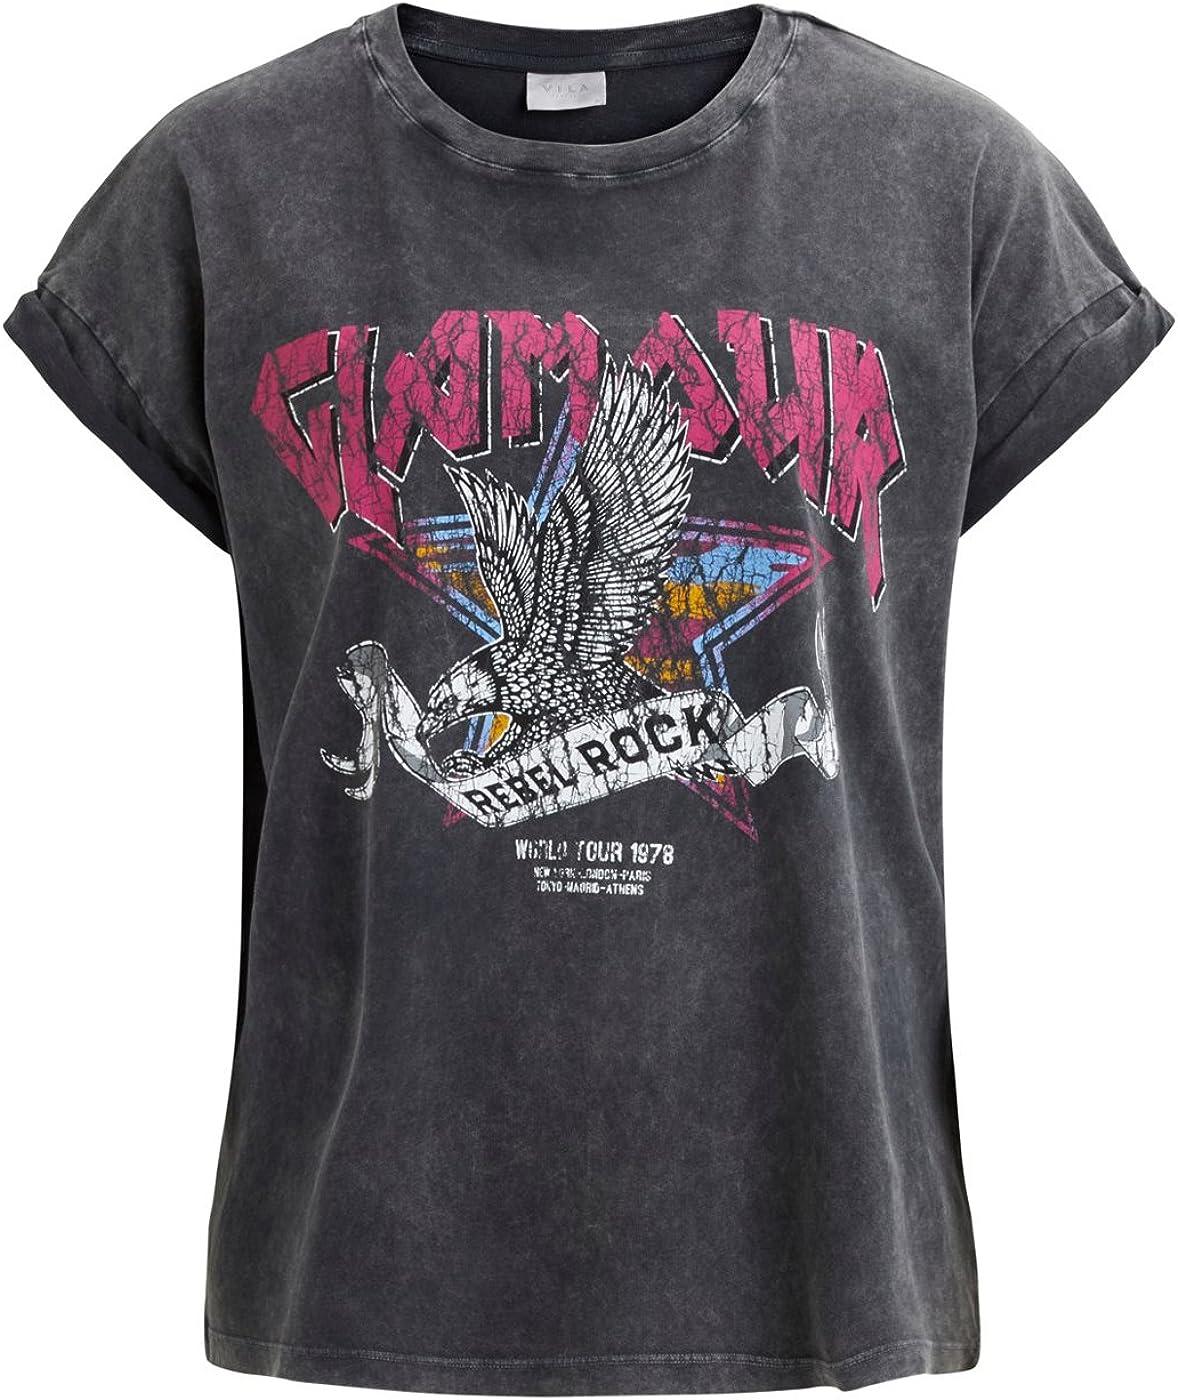 Vila Camiseta rockera Negra VISASELINA Clothes (L - Negro): Amazon.es: Ropa y accesorios